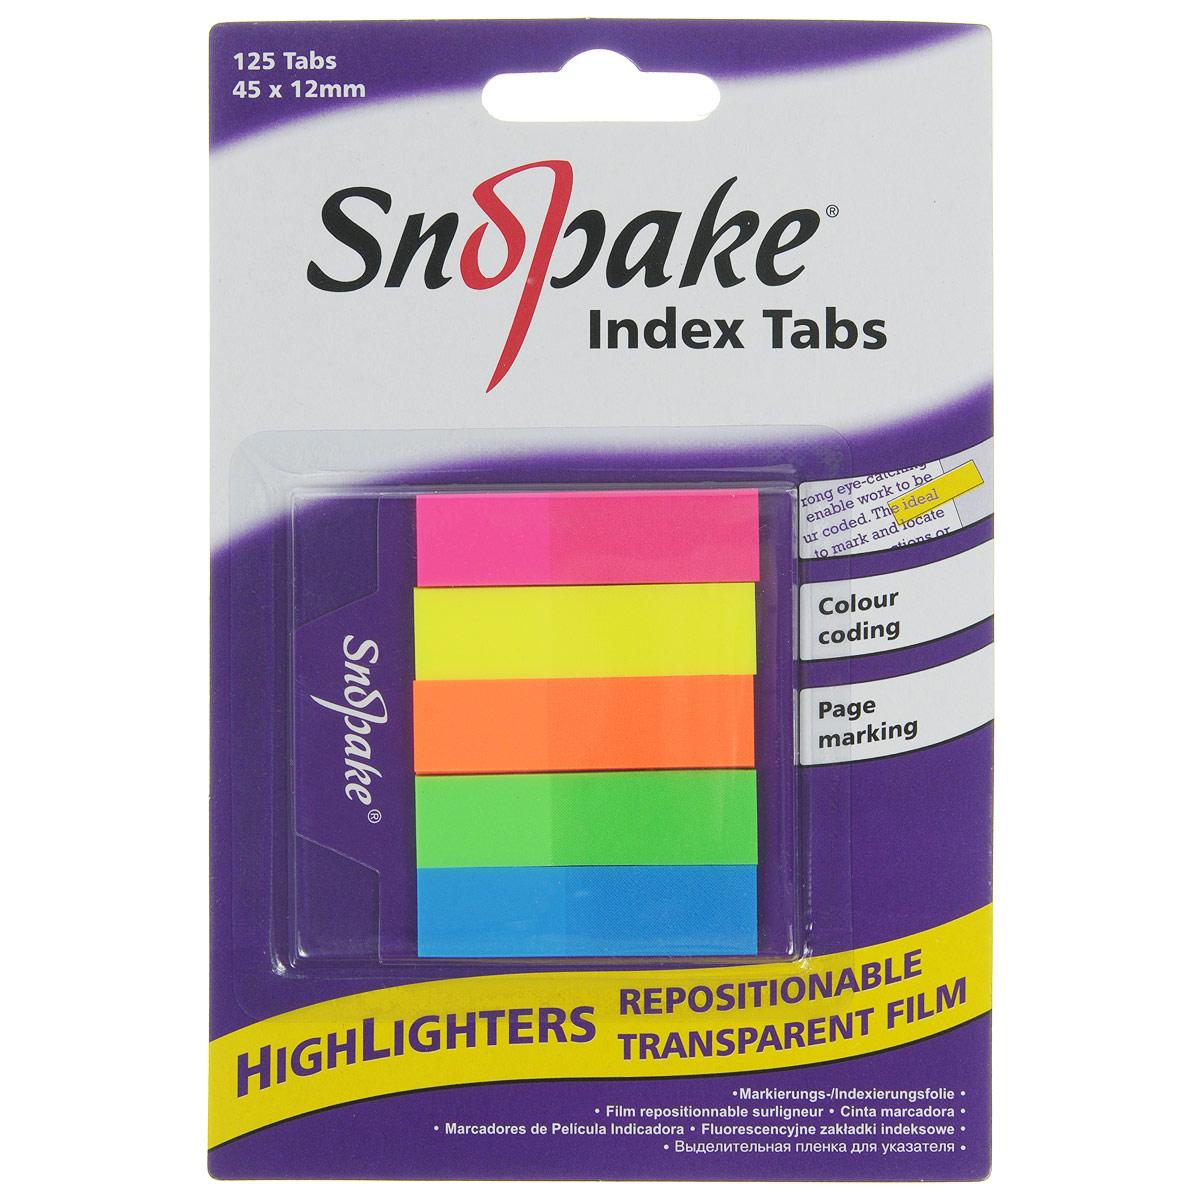 Закладка самоклеящаяся Snopake Index Tab, 4,5 см х 1,2 см, 125 шт2010440Самоклеящаяся закладка Index Tab станет вашим верным помощником дома и в офисе, и пригодится не только любителям чтения, но и тем, кто работает с большими объемами документов. Яркие закладки розового, желтого, оранжевого, зеленого и синего цветов позволяют не только отметить или выделить нужное место в книге или документе, но и снабдить его своими записями. Закладки совершенно прозрачны и не закрывают текст и могут применяться как безопасная для бумаги альтернатива маркерам-выделителям. Уникальный клеевой состав, нанесенный на закладку, позволяет многократно переклеивать ее, не повреждая при этом страницу. В комплект входят 125 закладок.Самоклеящаяся закладка Index Tab станет практичным офисным или домашним инструментом и поможет вам упорядочить информацию, не повреждая бумагу.